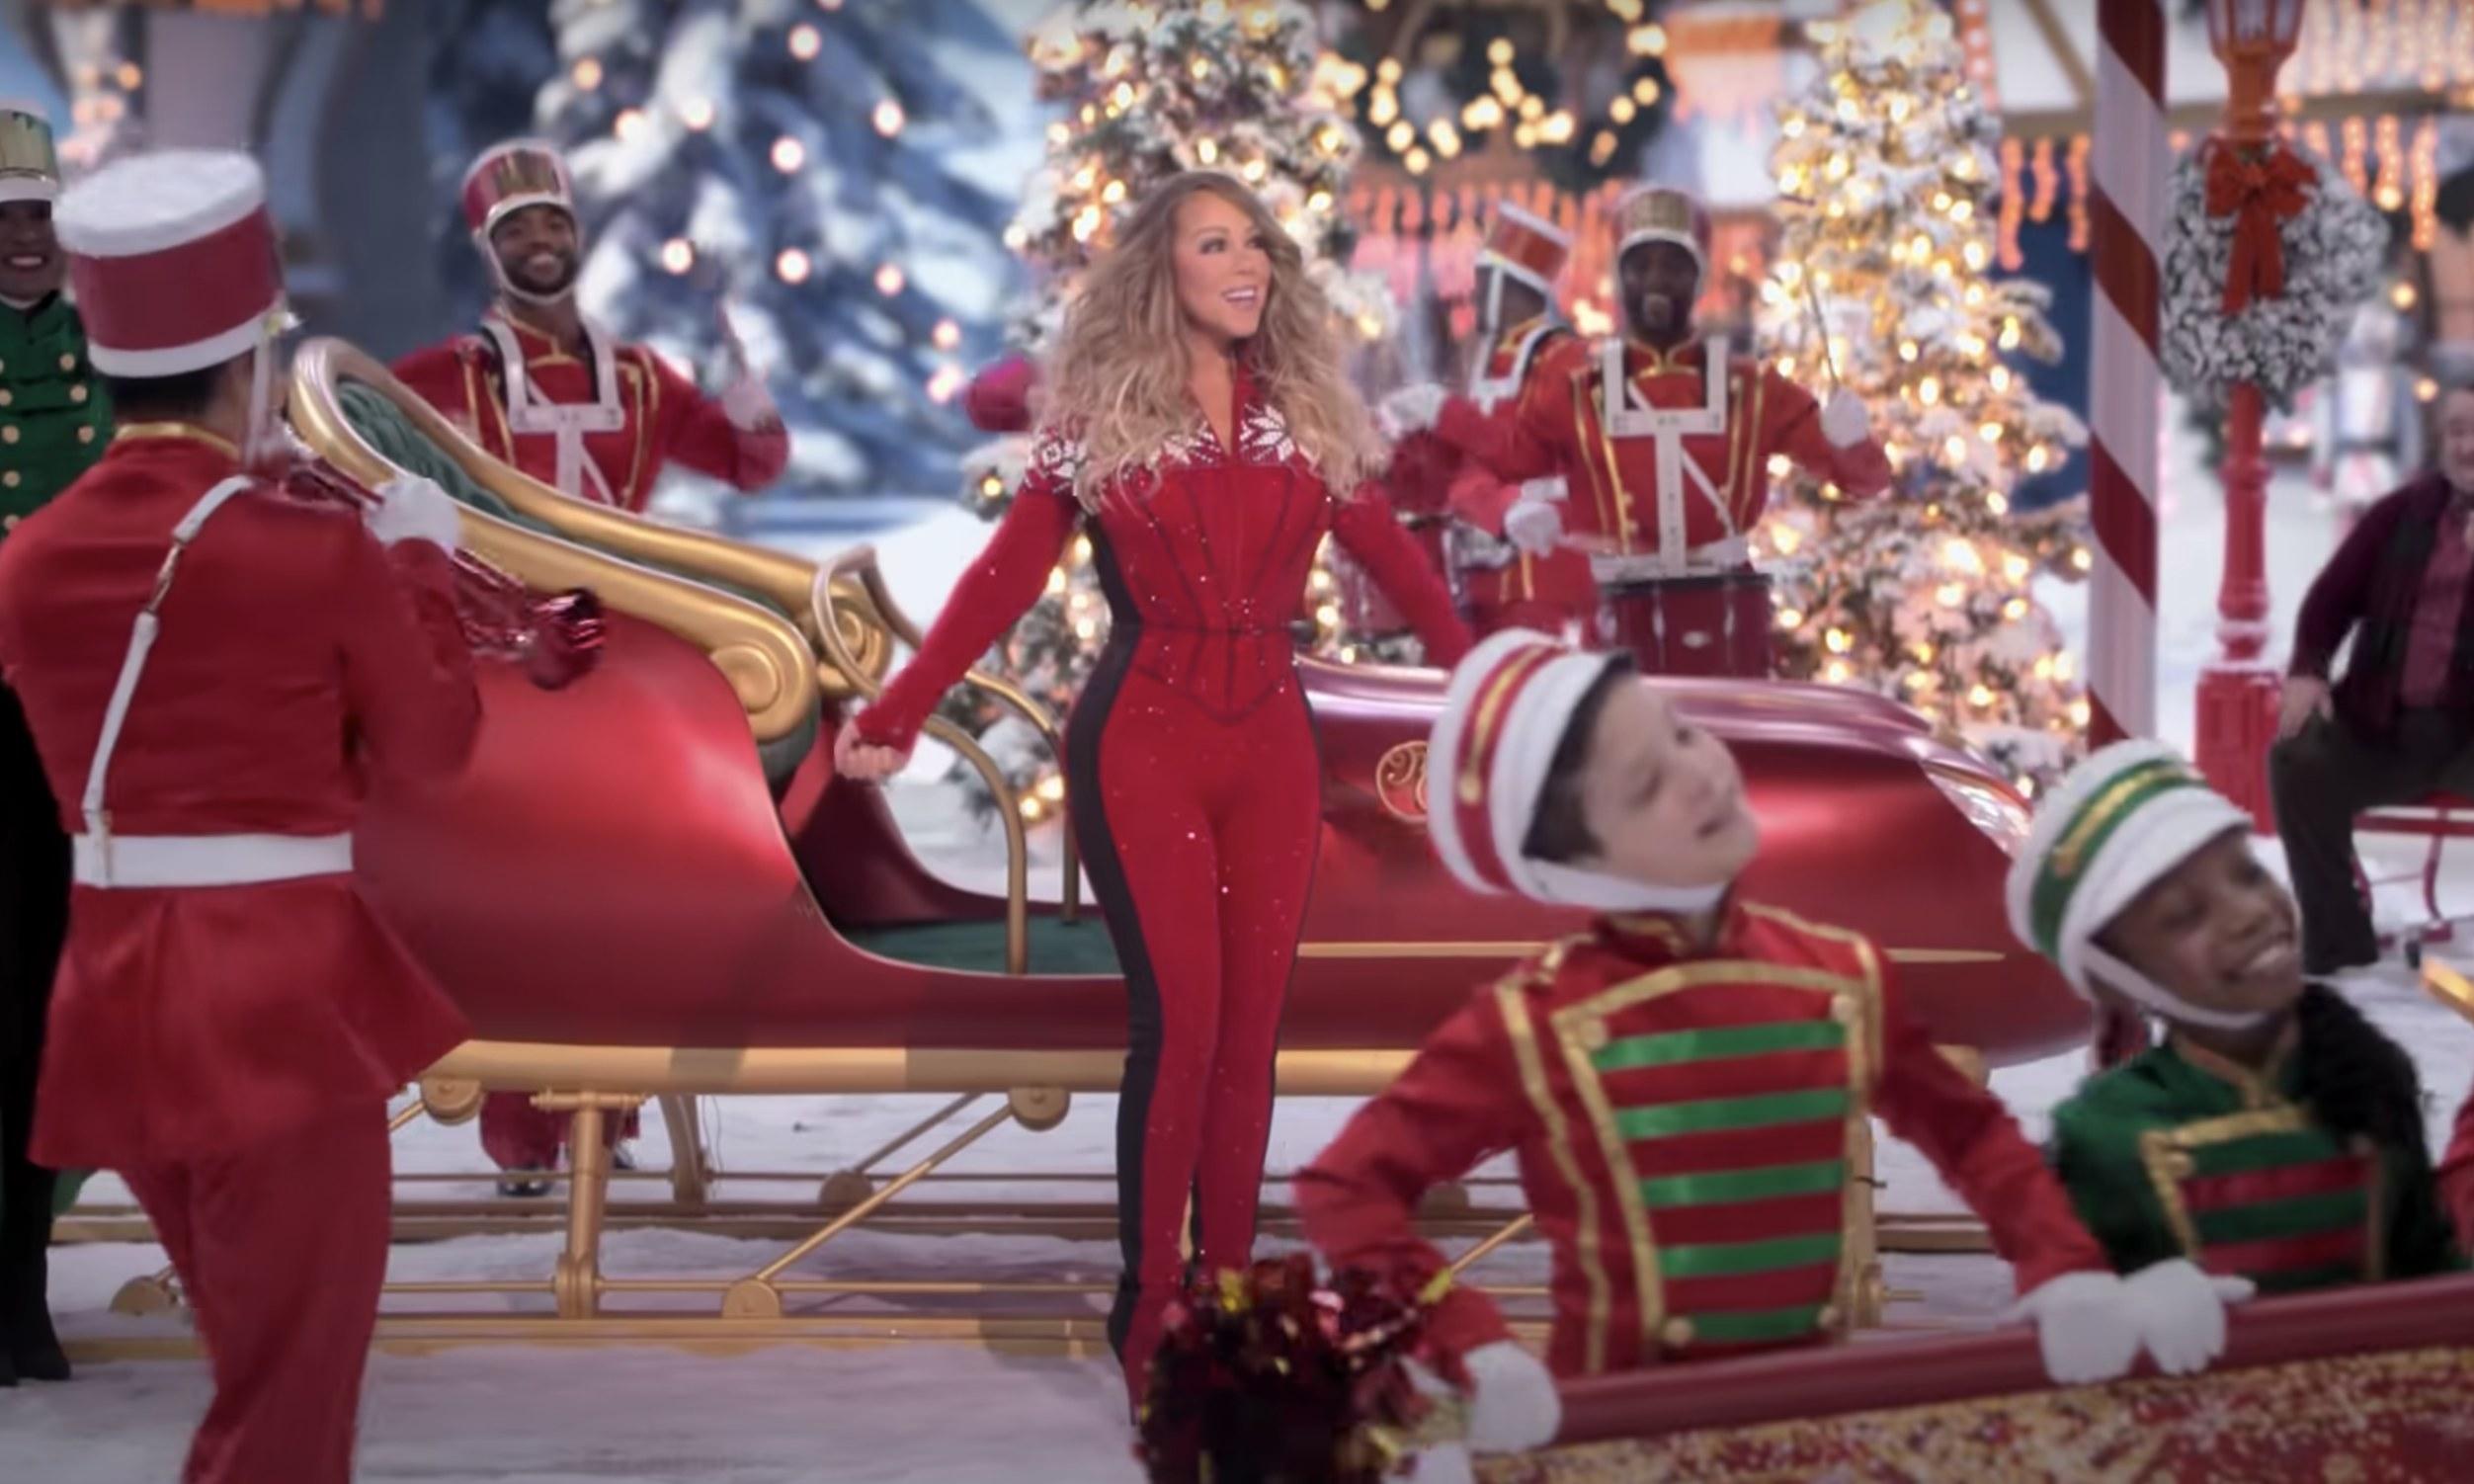 Mariah Carey singing next to a sleigh